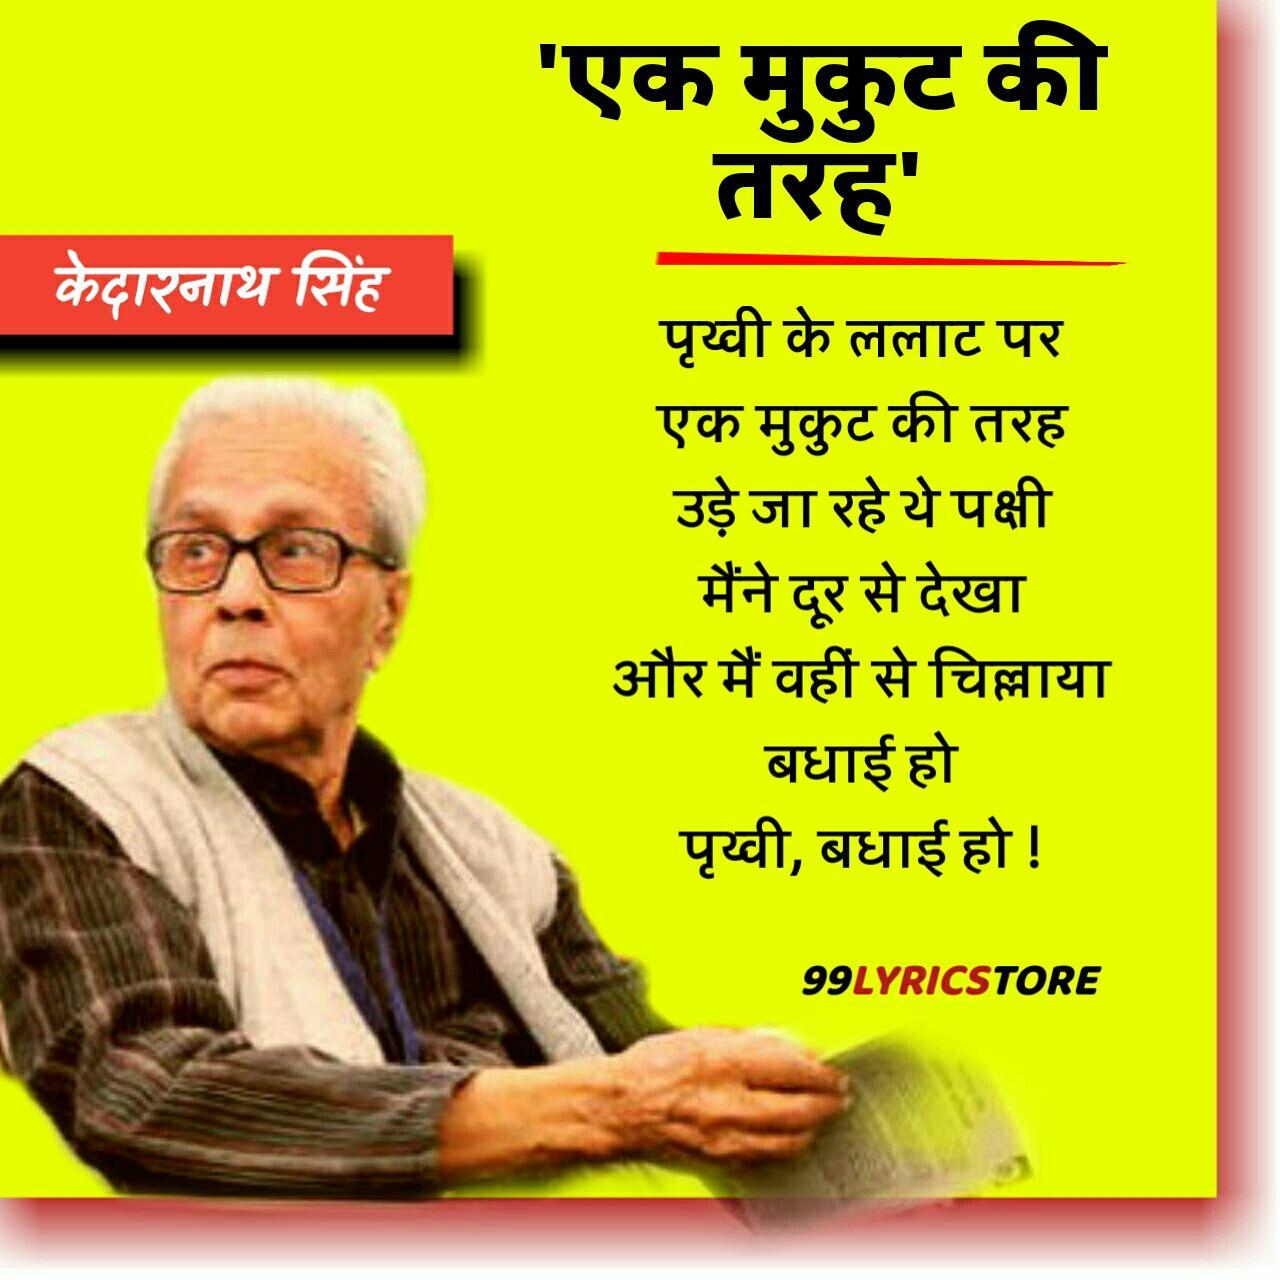 'एक मुकुट की तरह' कविता केदारनाथ सिंह जी द्वारा लिखी गई एक छोटी हिन्दी कविता है।